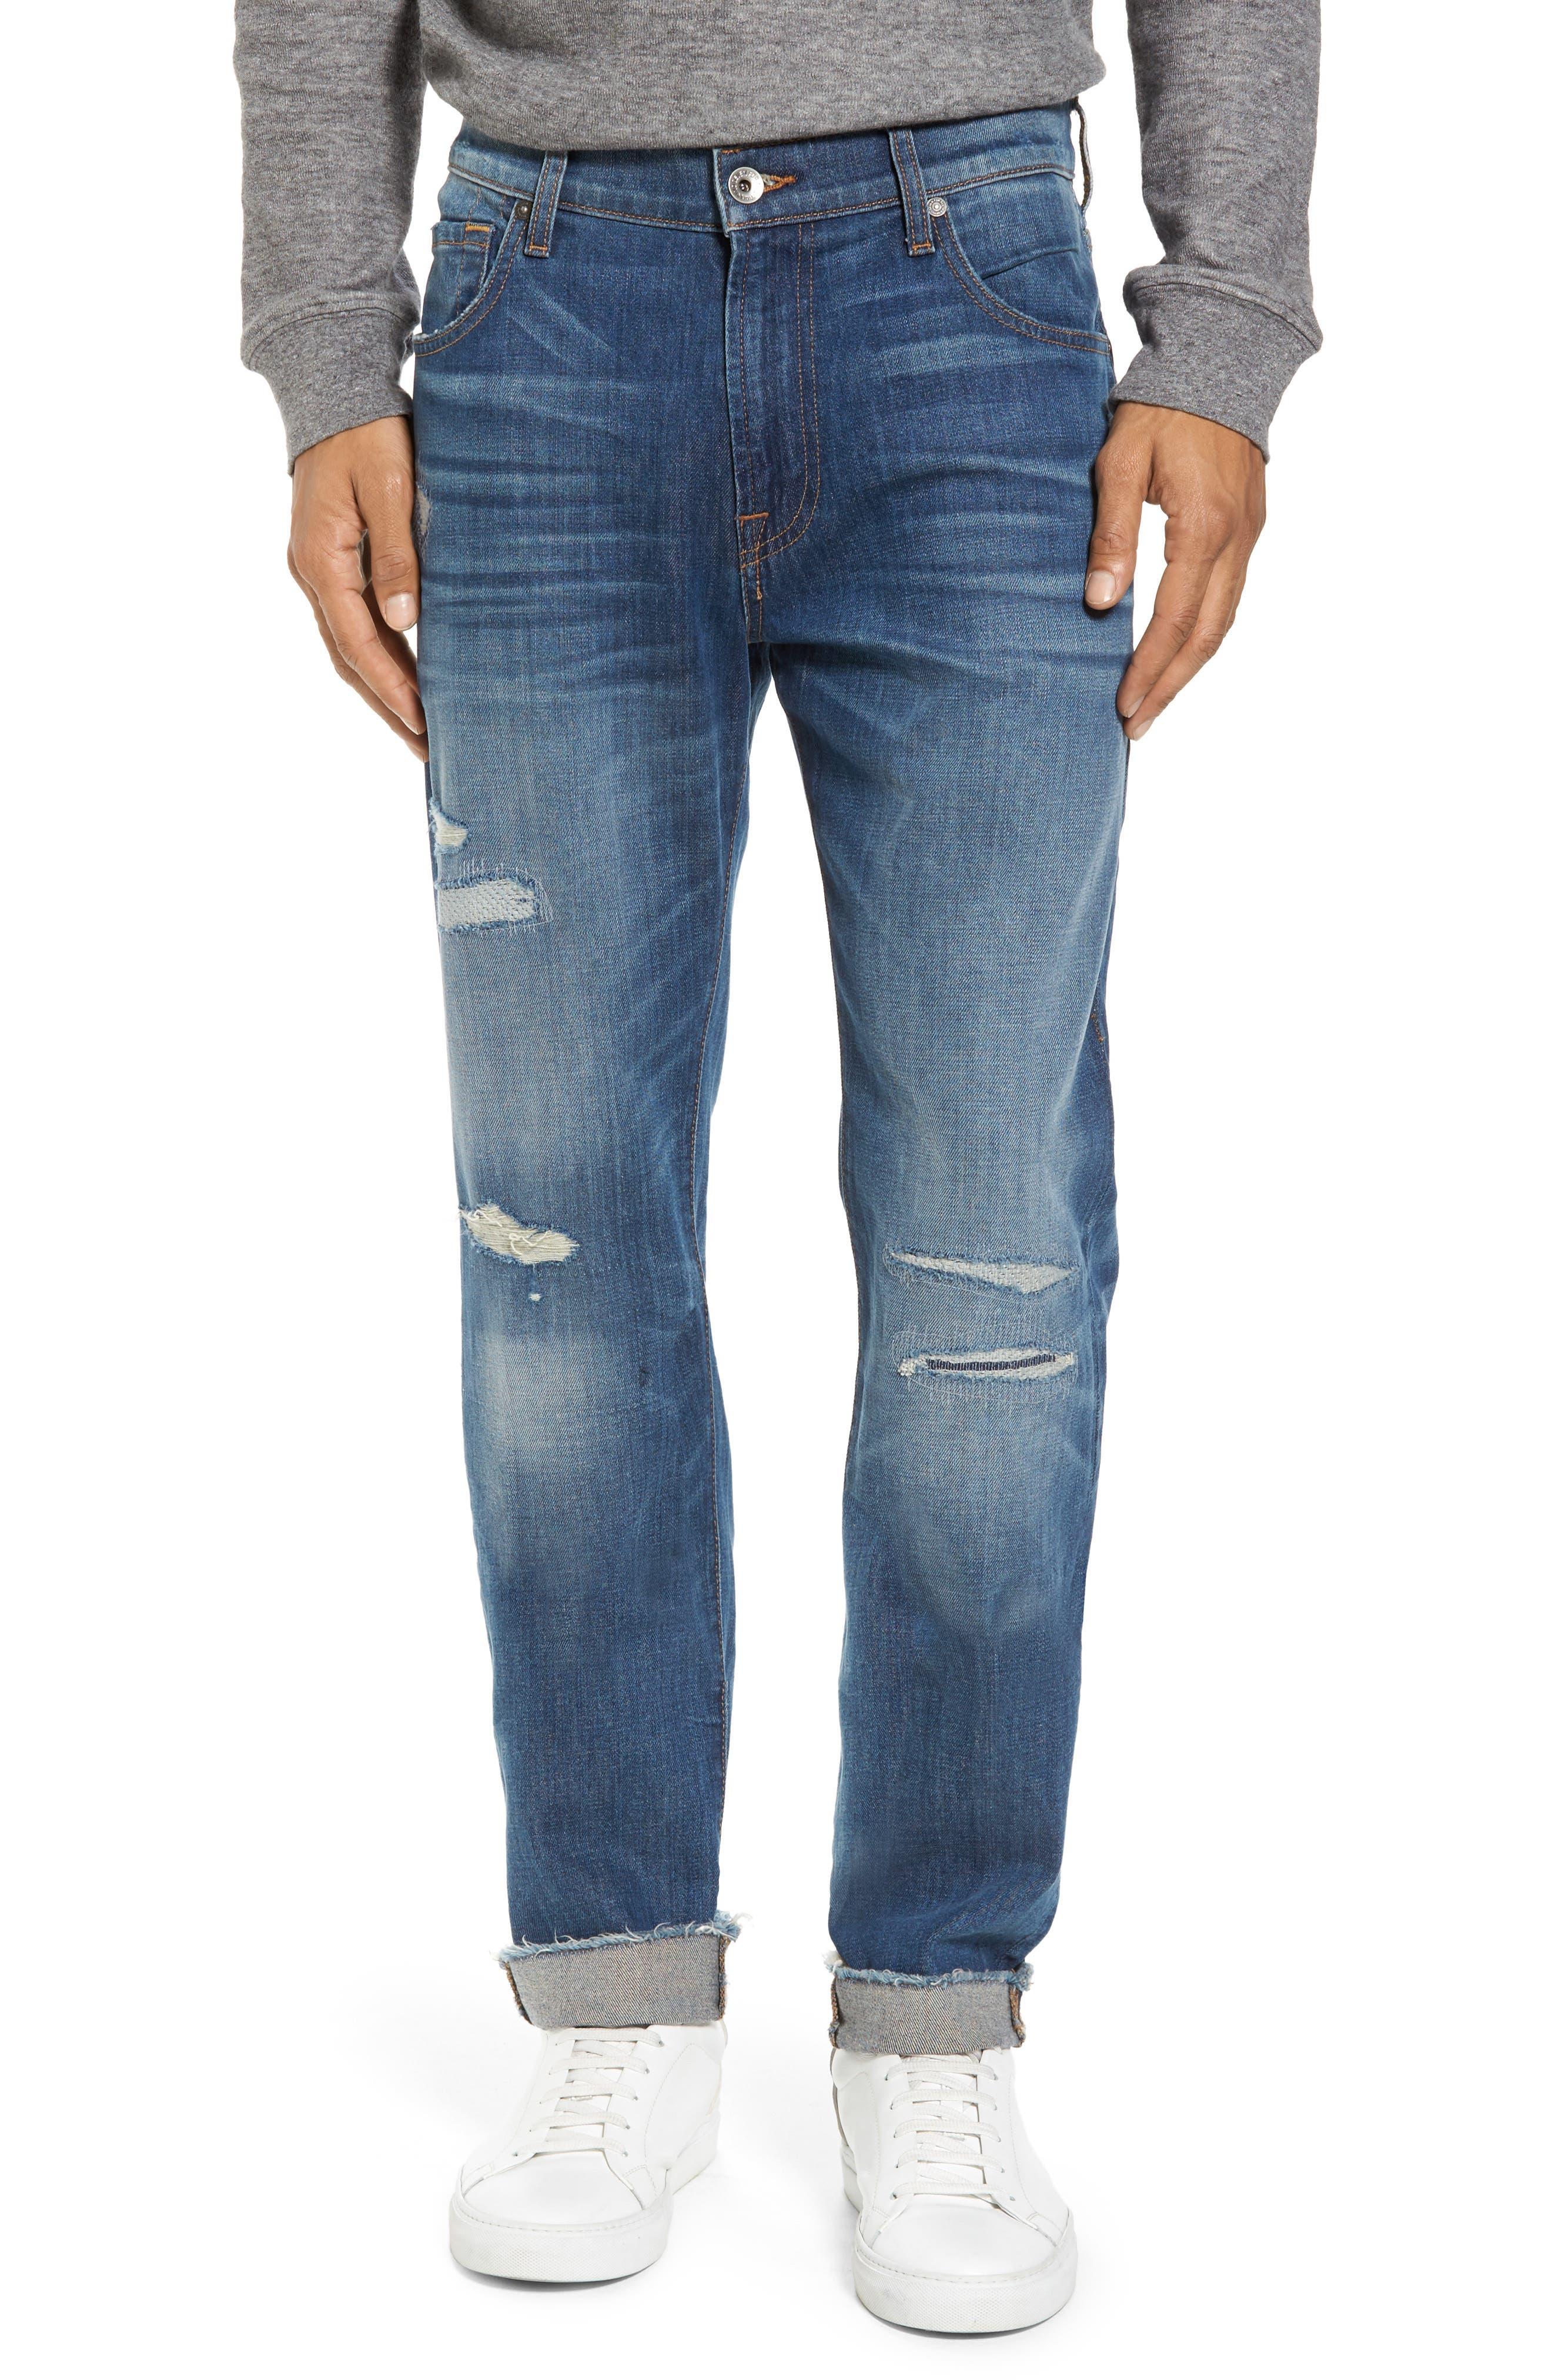 Adrien Slim Fit Jeans,                         Main,                         color, 403